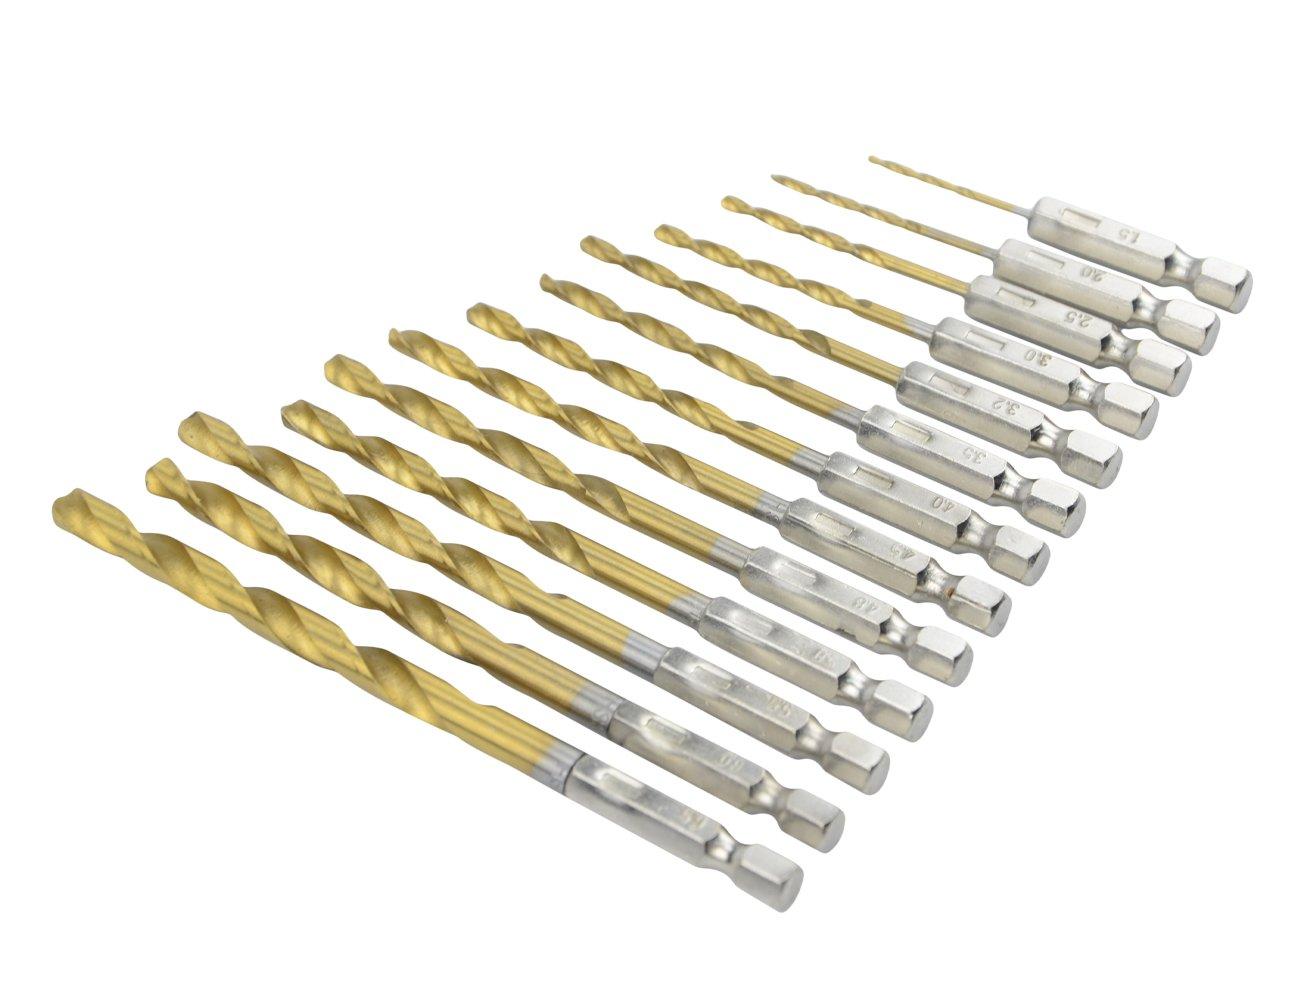 TOVOT 13 PCS High Speed Steel Drill Bit Set